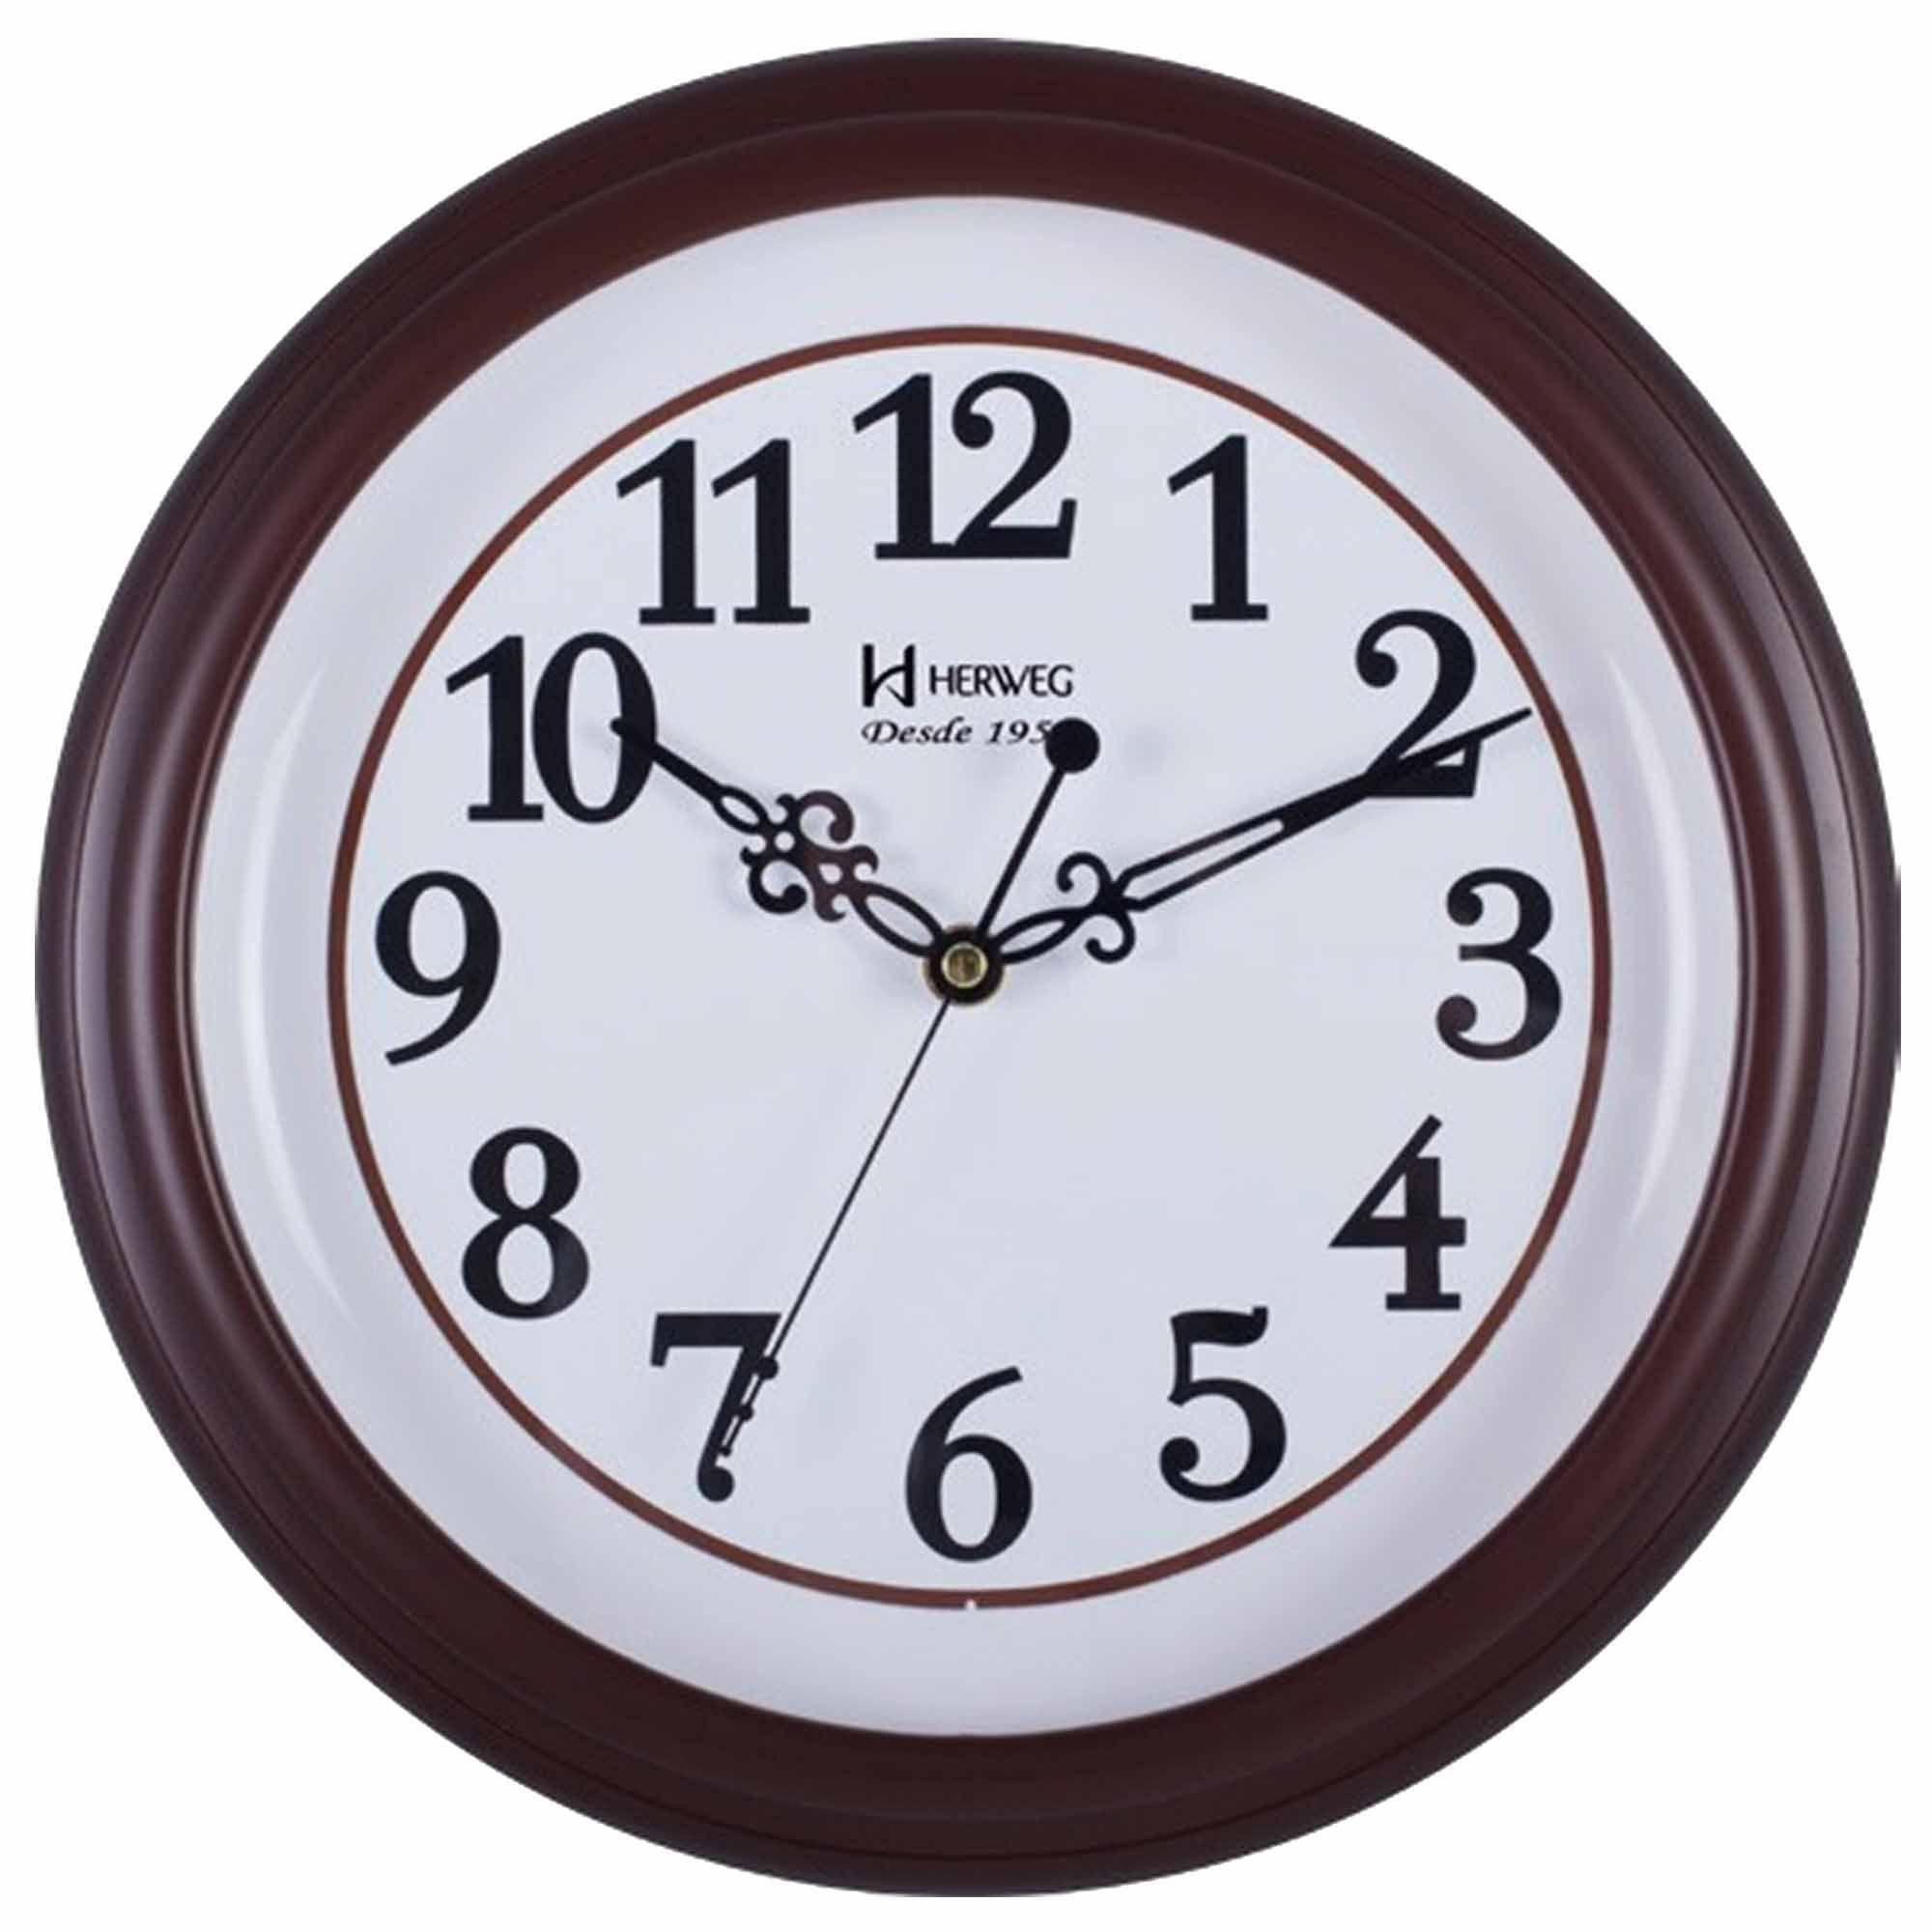 Relógio de Parede Analógico Herweg 6467 084 Marrom Ipê